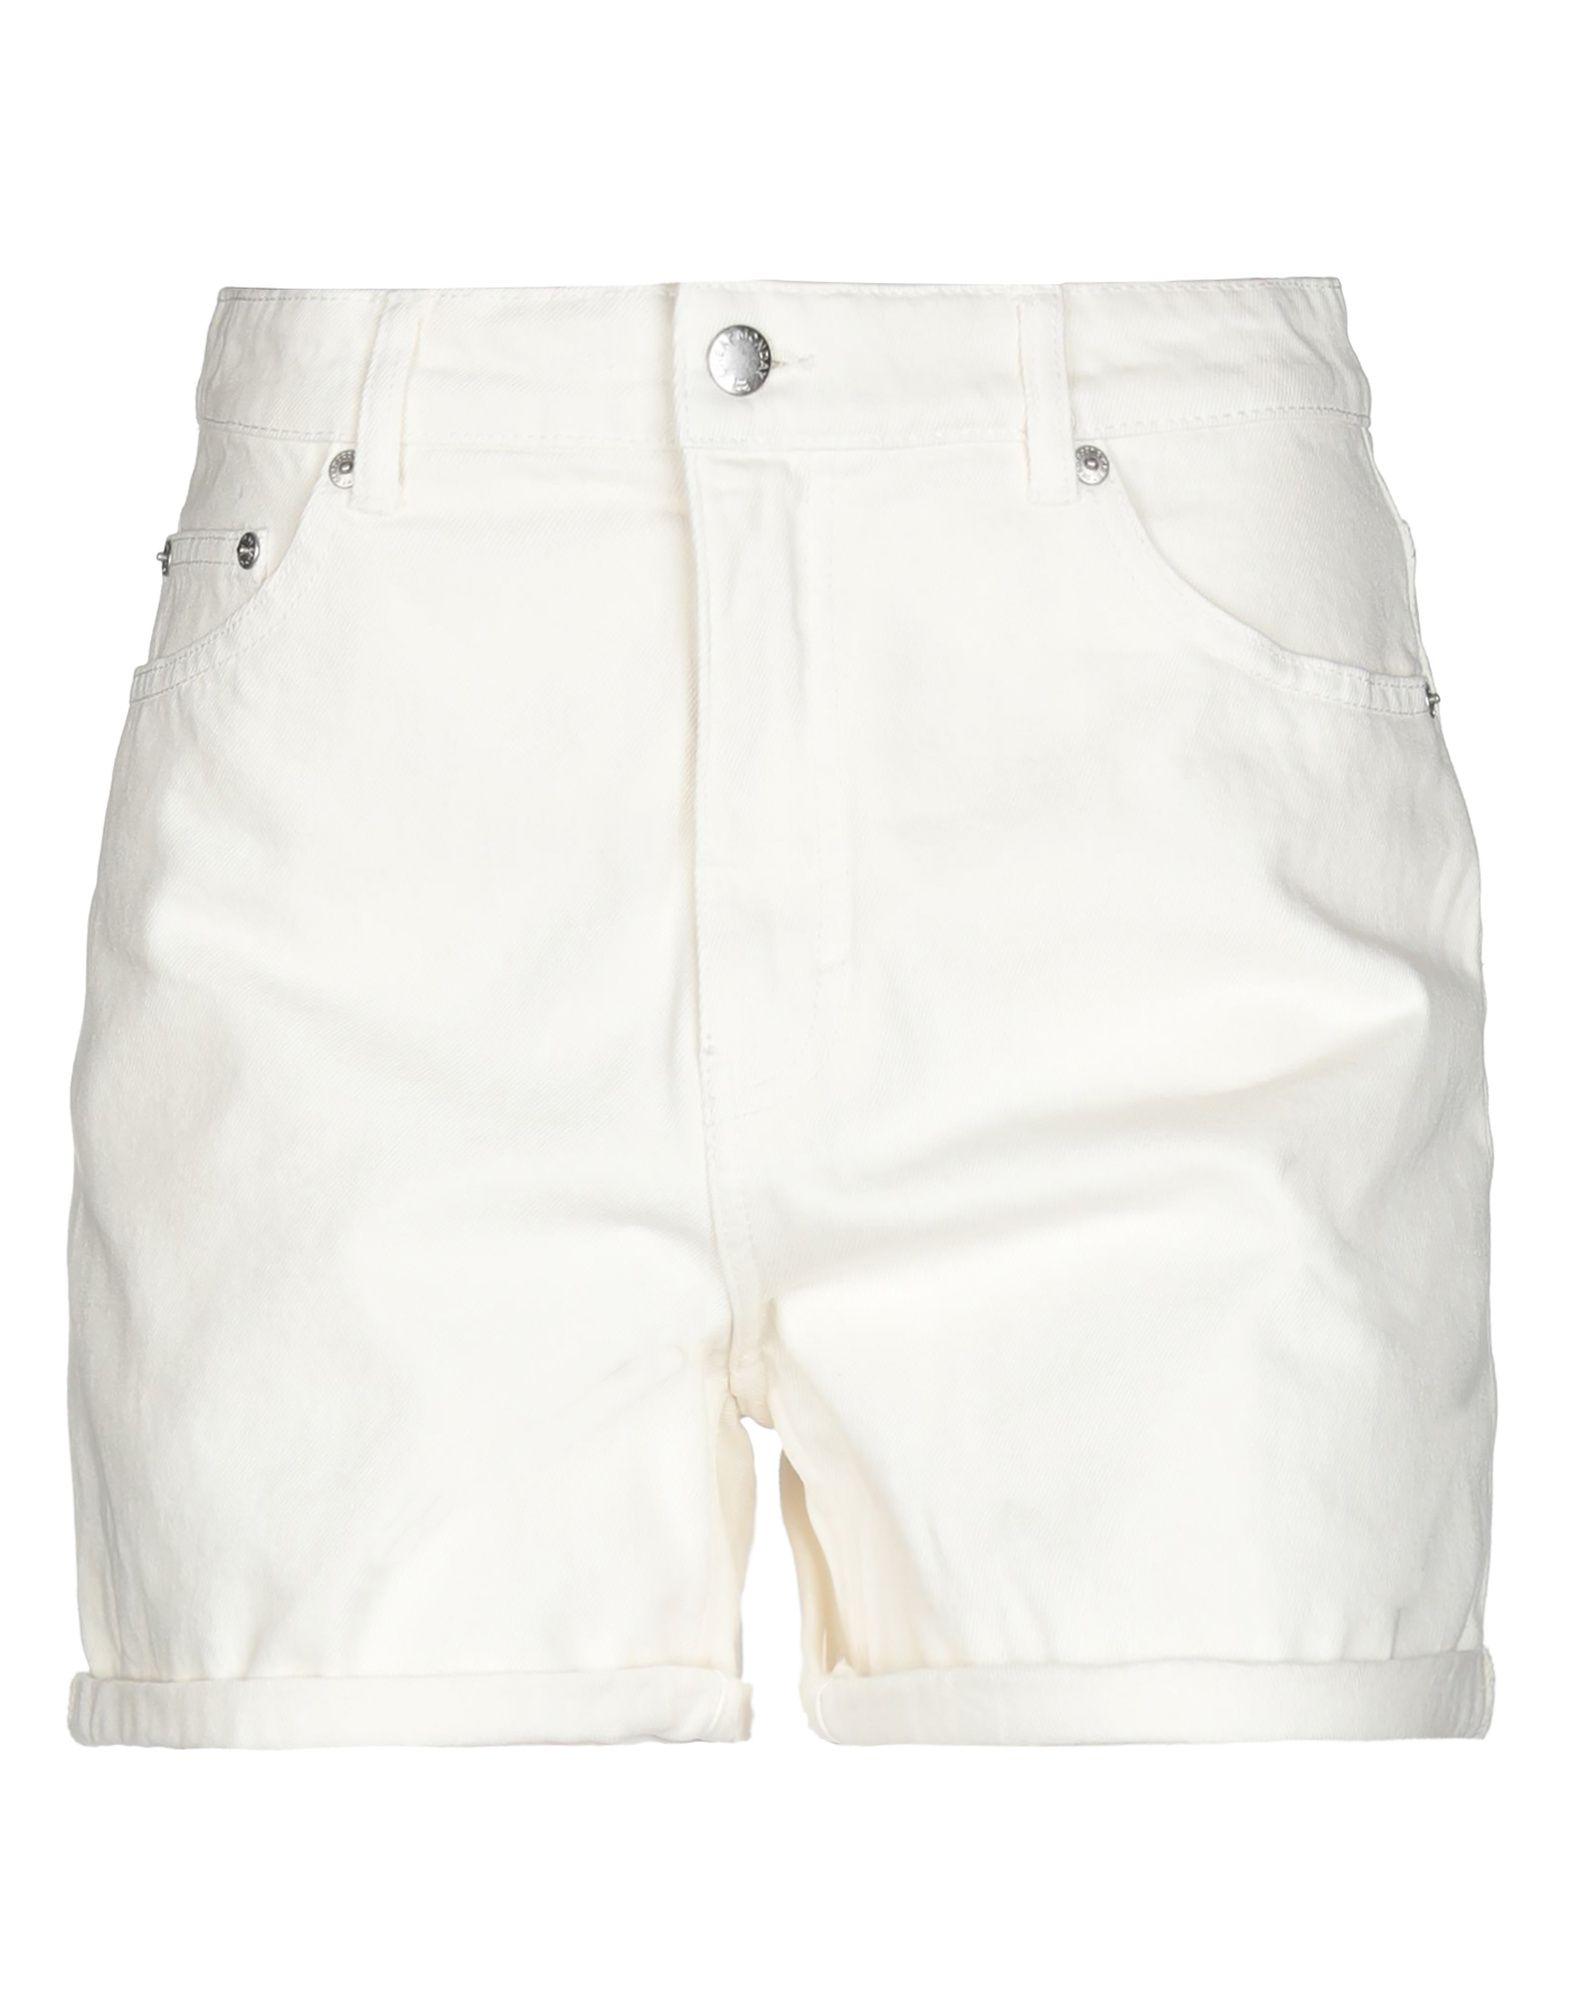 CHEAP MONDAY Джинсовые шорты шорты джинсовые 3 12 лет